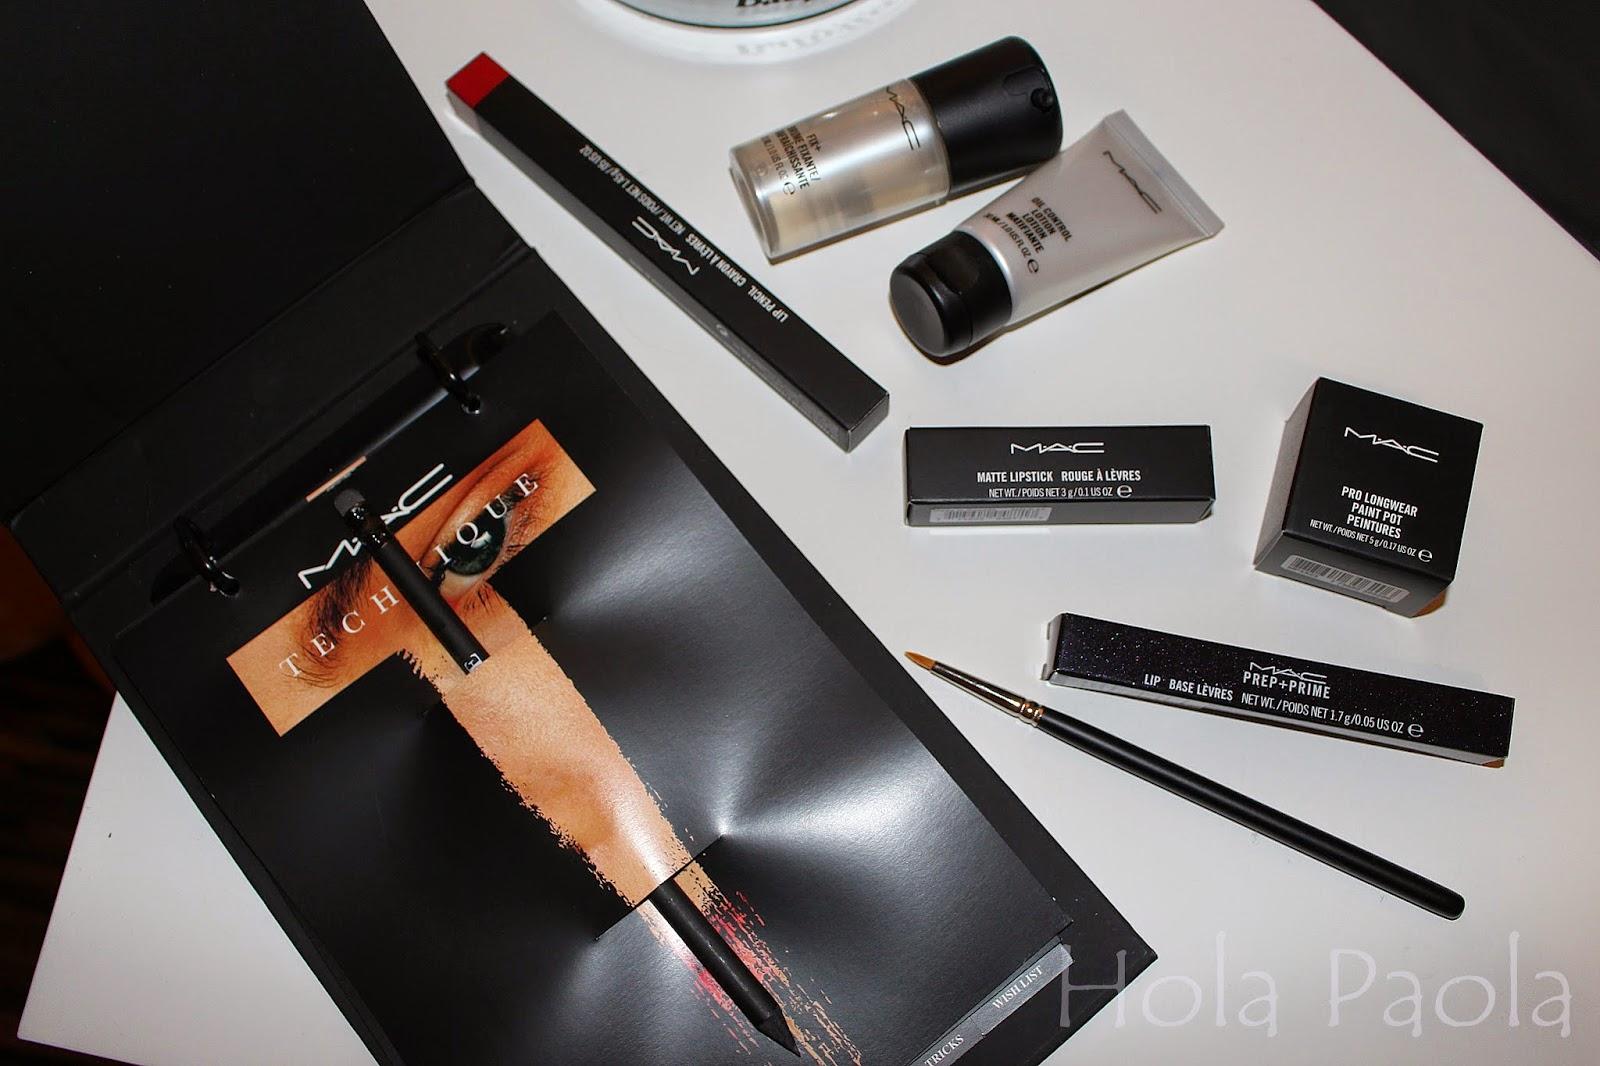 Mac Technique – Warsztaty Makijażu MAC opinia recenzja szkolenie kurs poznań city center cosmetics eye oko kreska usta szminka